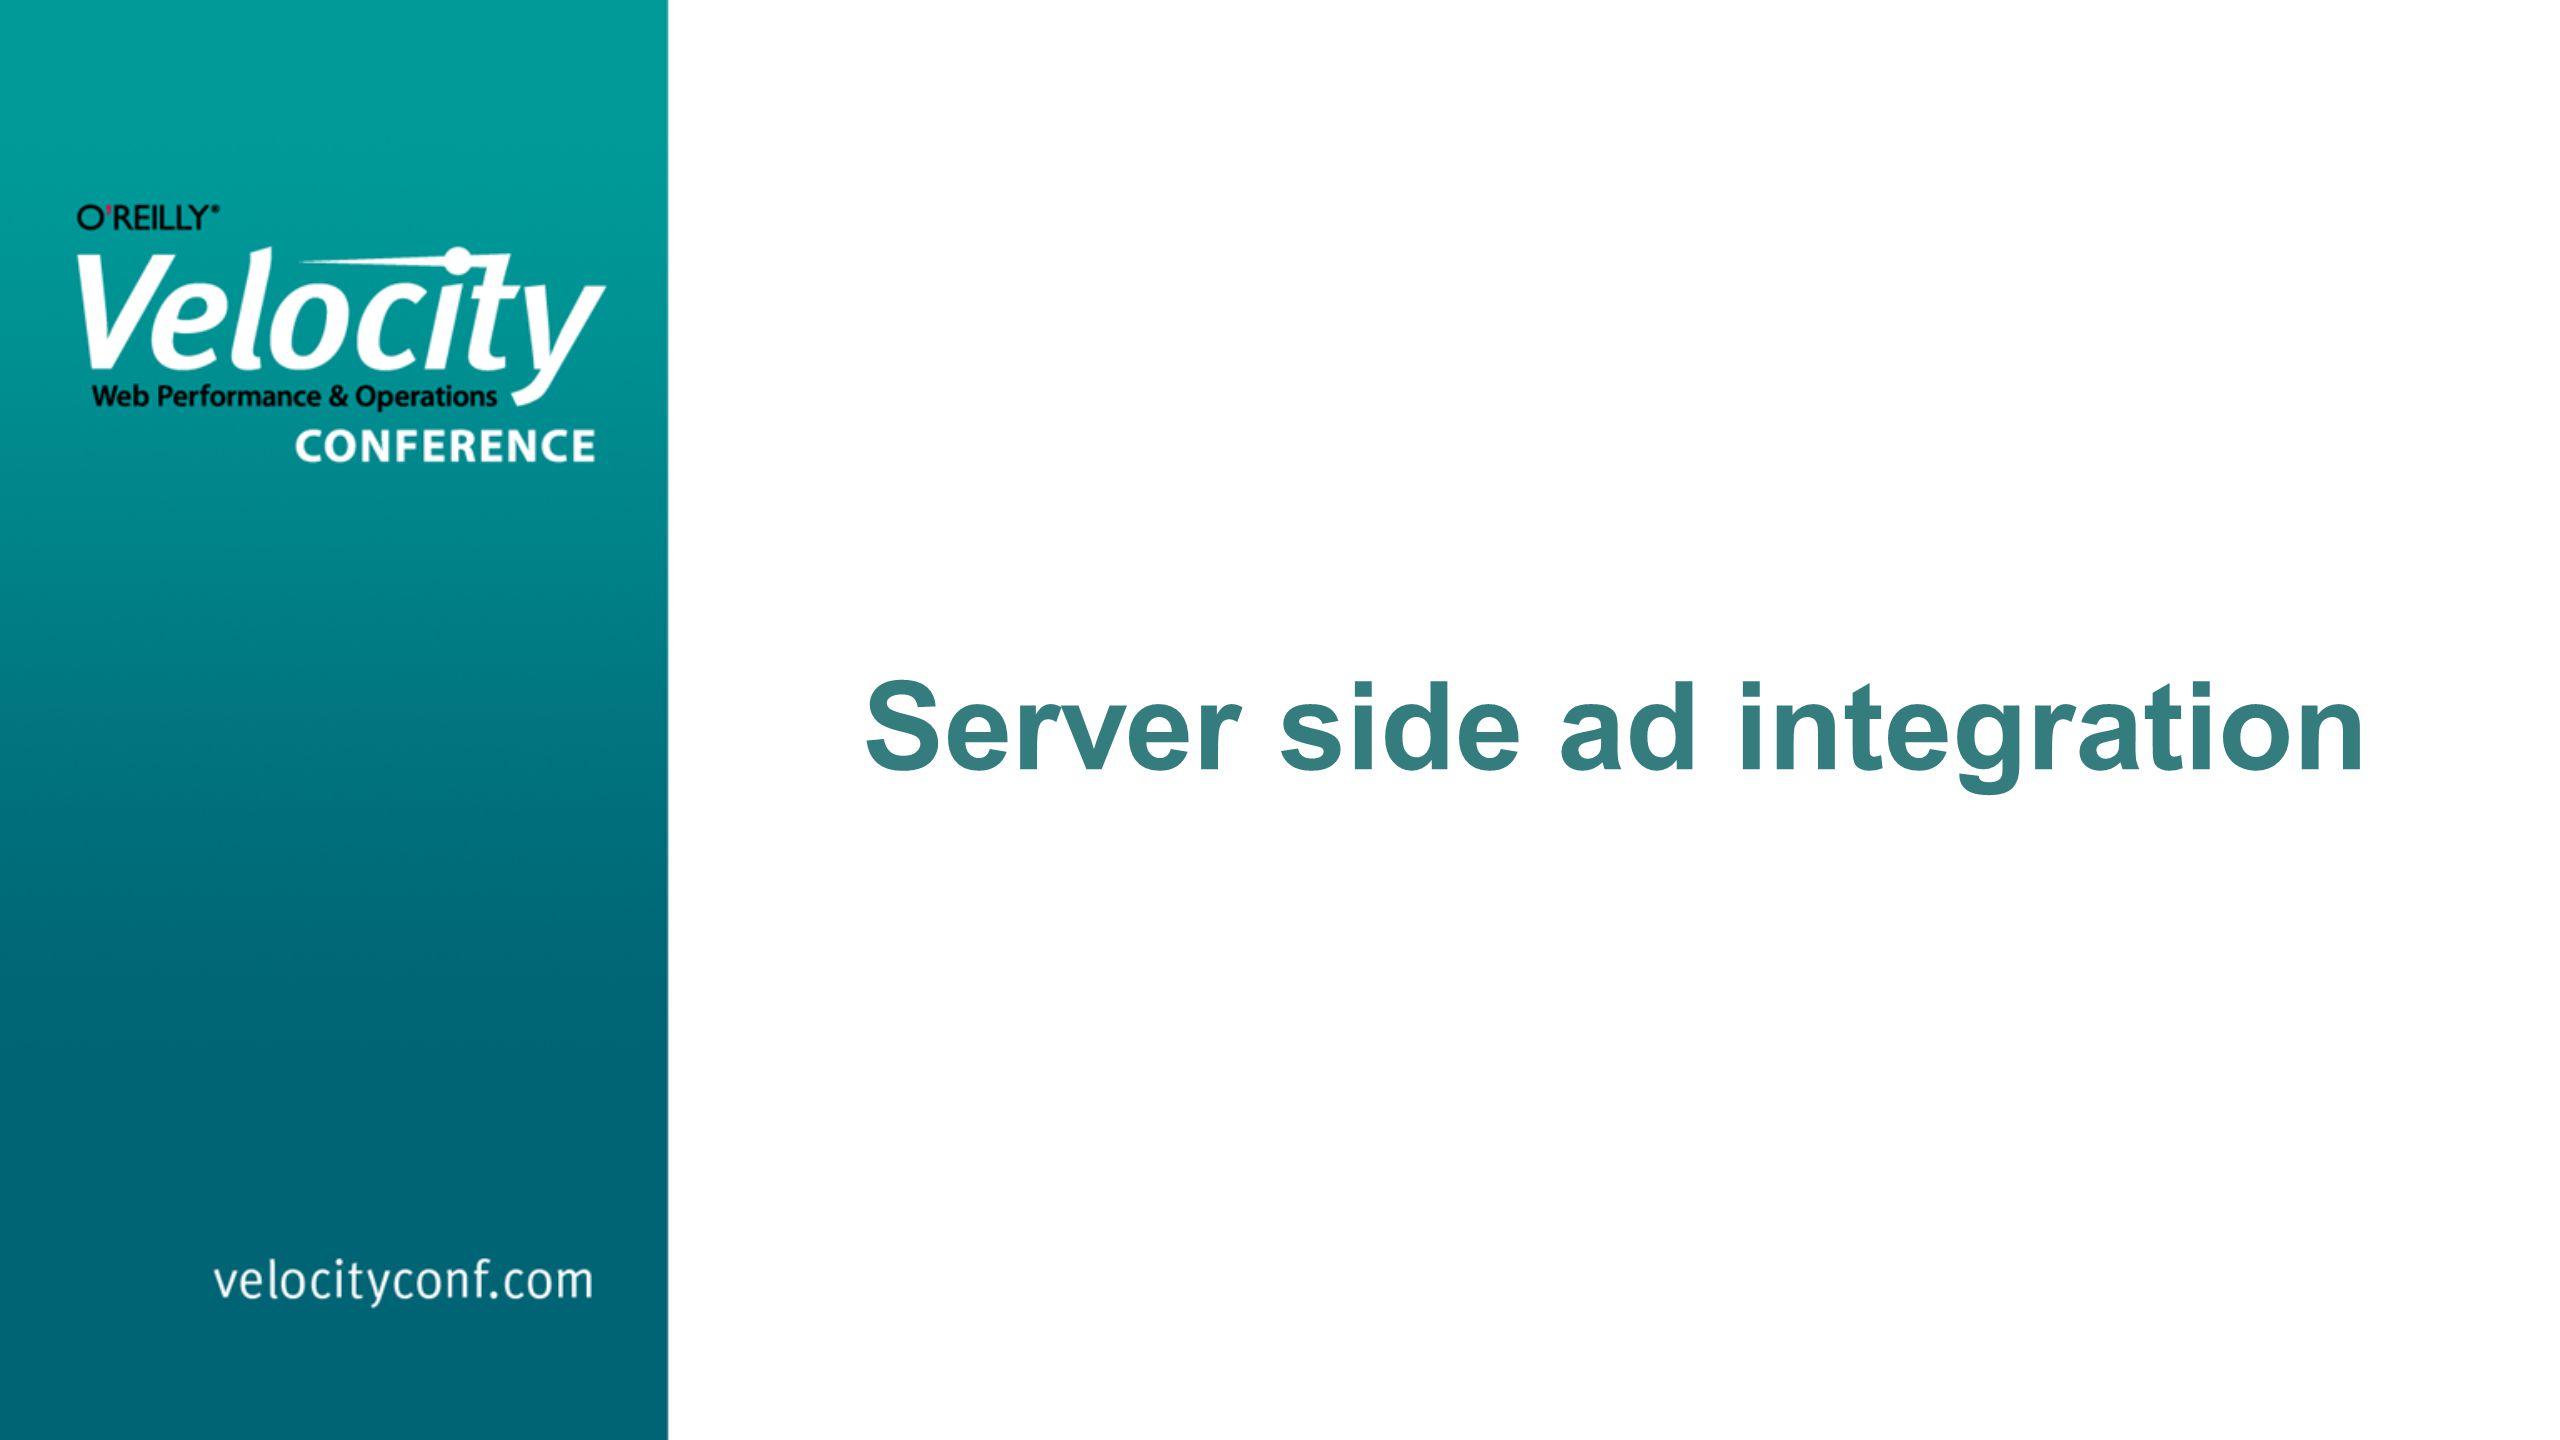 Server side ad integration